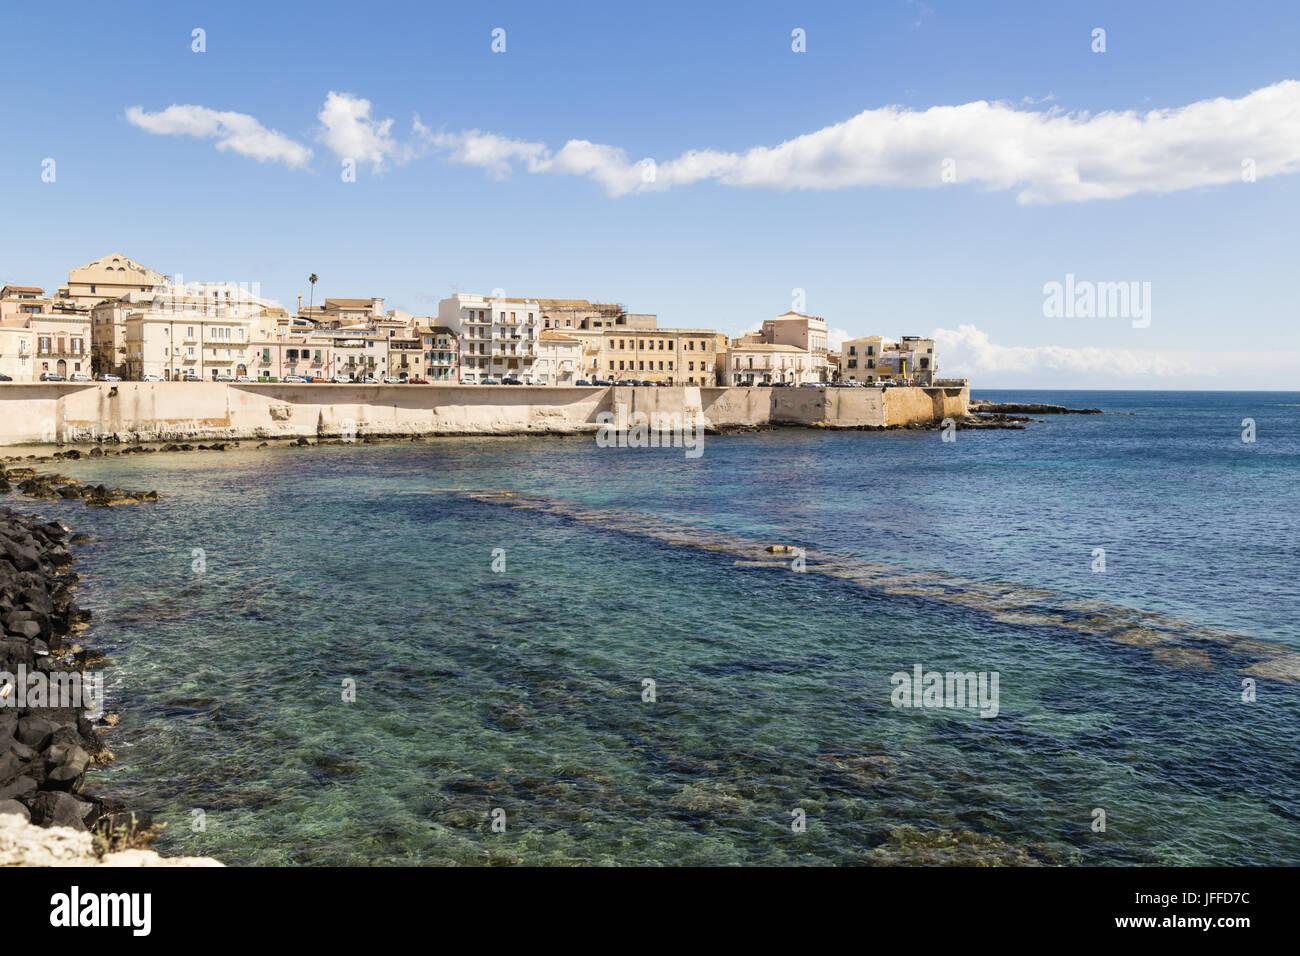 Centro storico di Siracusa, Sicilia Foto Stock